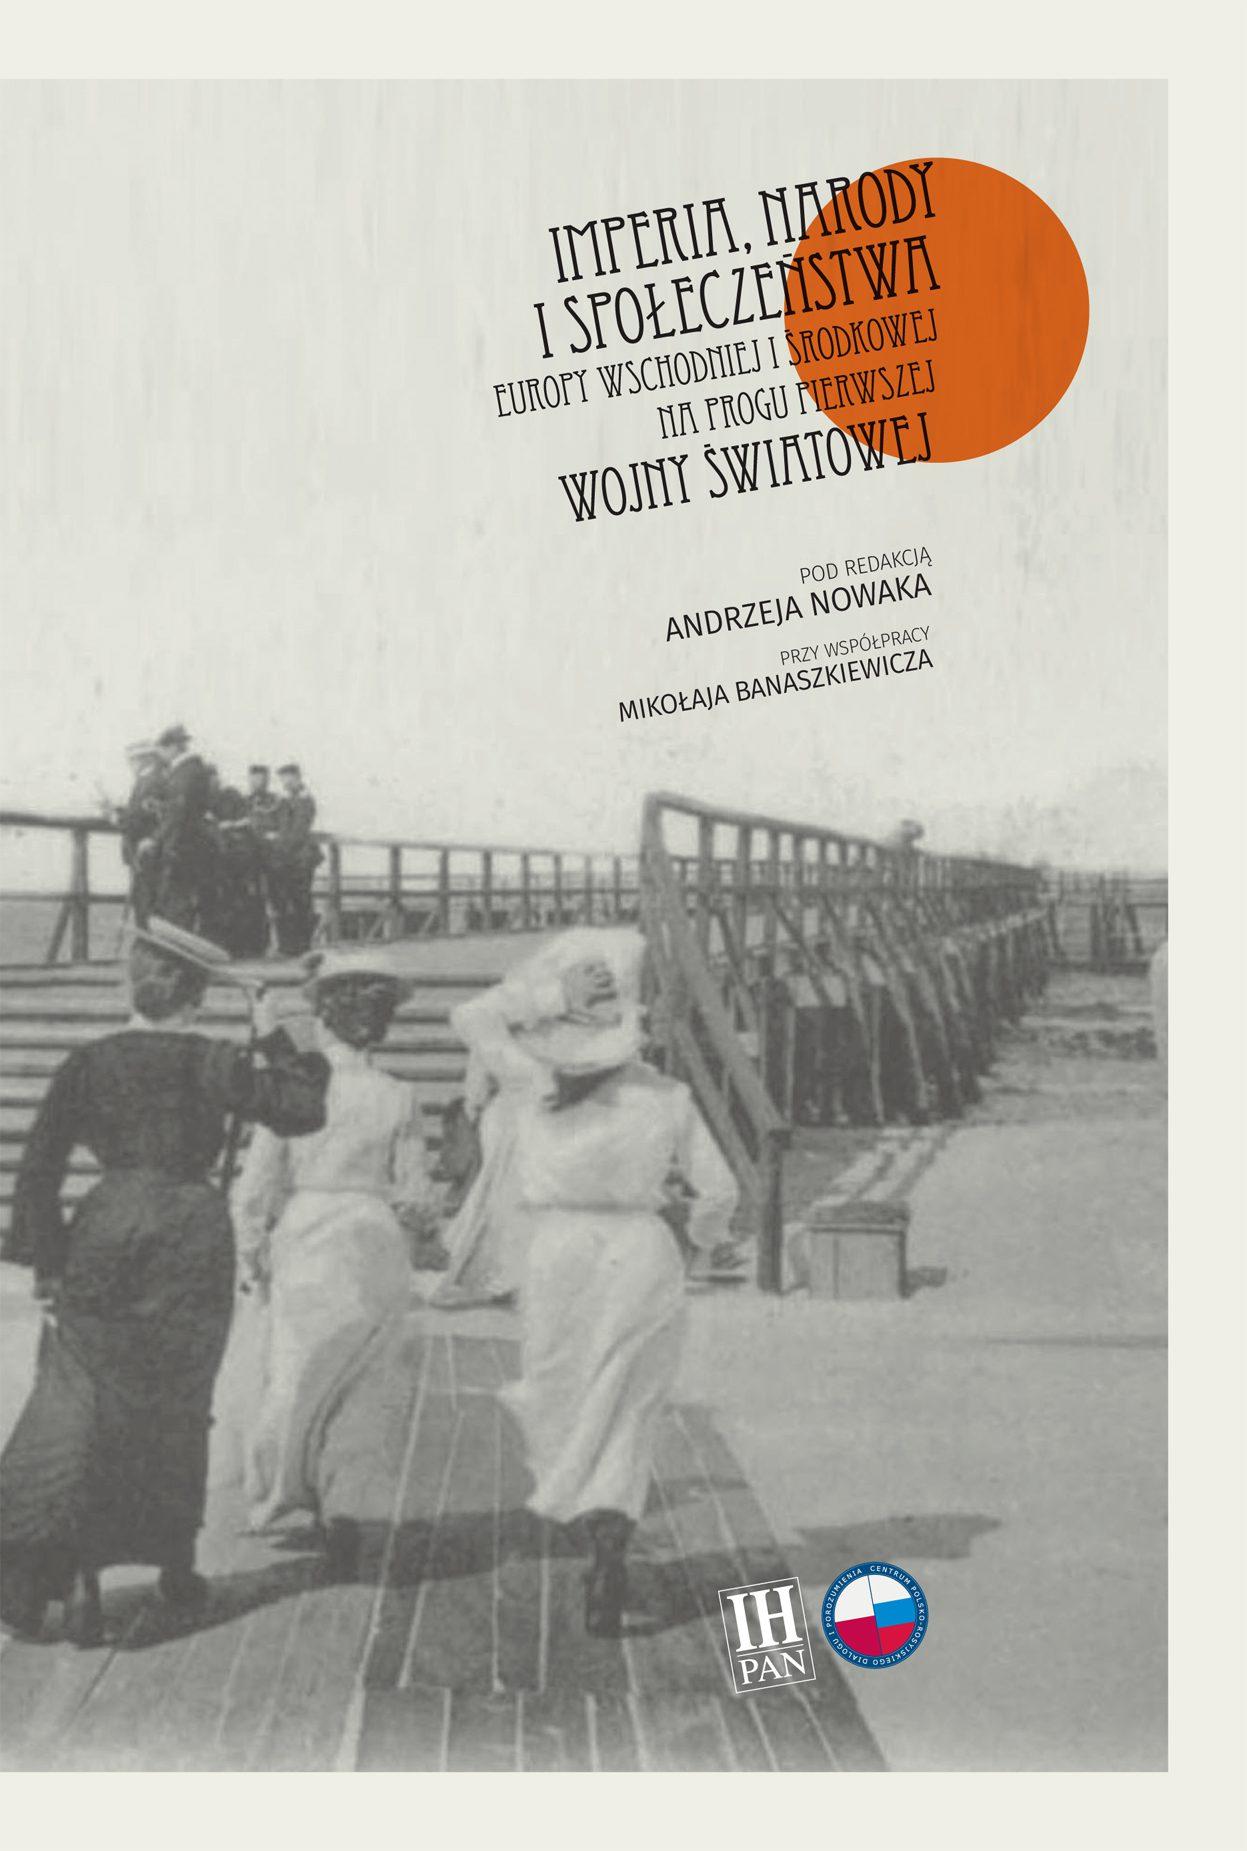 Imperia, narody i społeczeństwa Europy Wschodniej i Środkowej na progu pierwszej wojny światowej - Ebook (Książka na Kindle) do pobrania w formacie MOBI